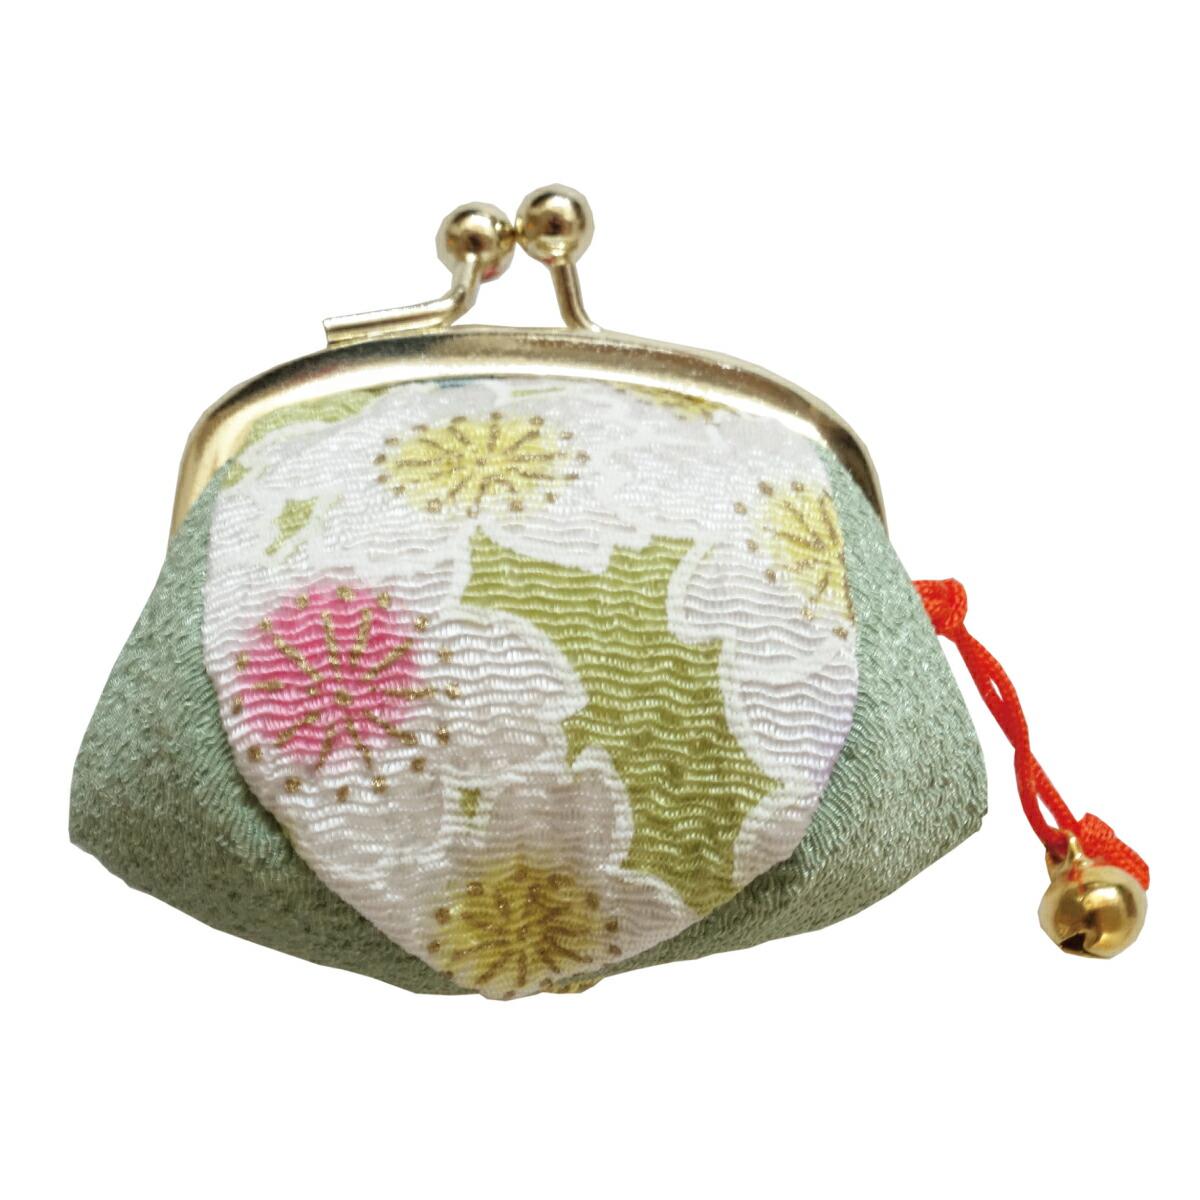 【がま口】指輪差し付・財布/小銭入れ ミニサイズ小鈴付<三色桜>若草